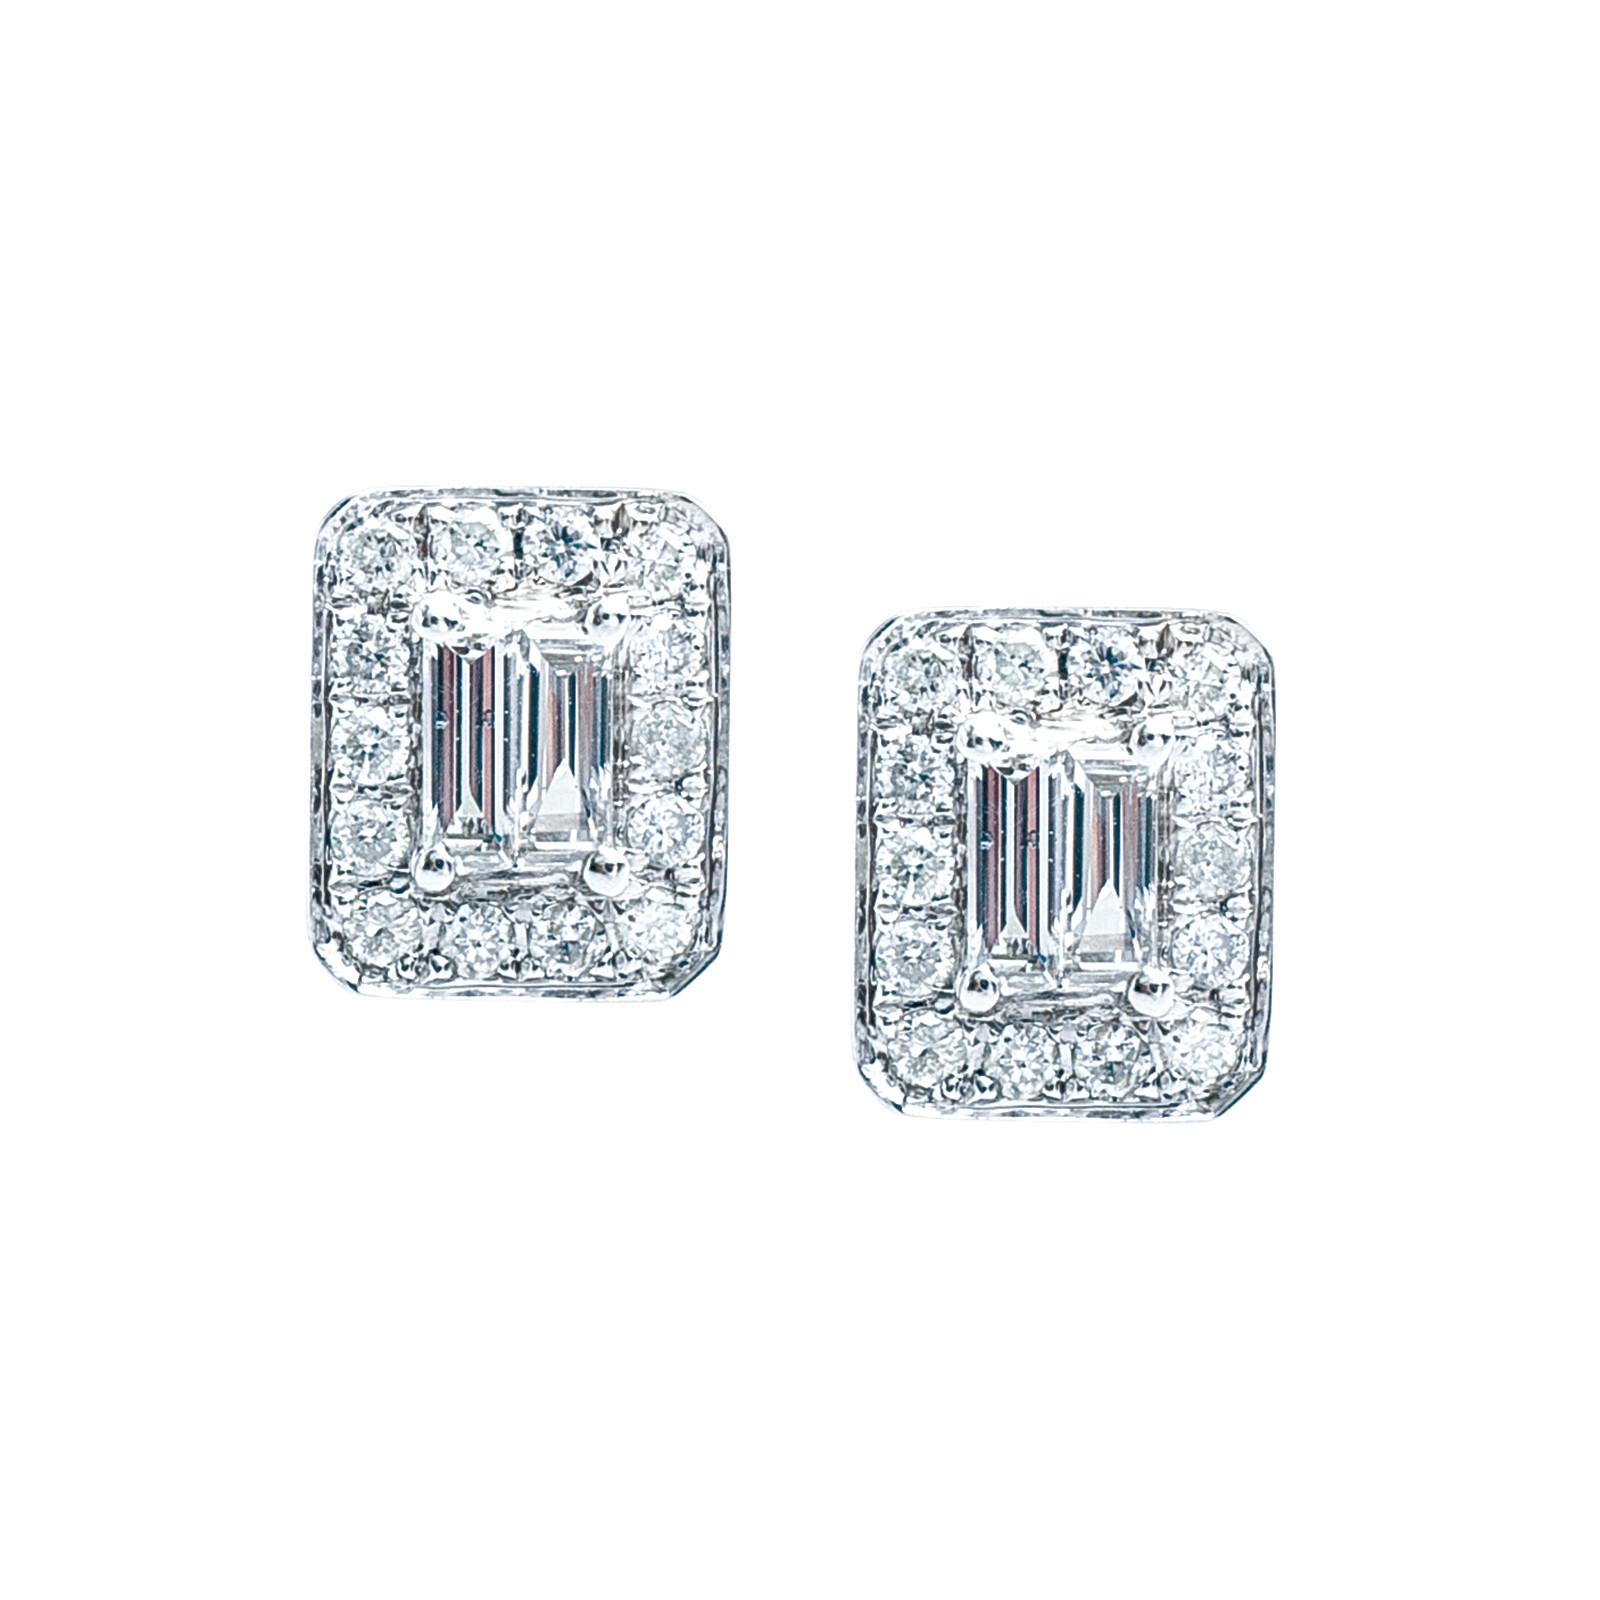 Vintage 0.50 CTW Diamond Stud Earrings